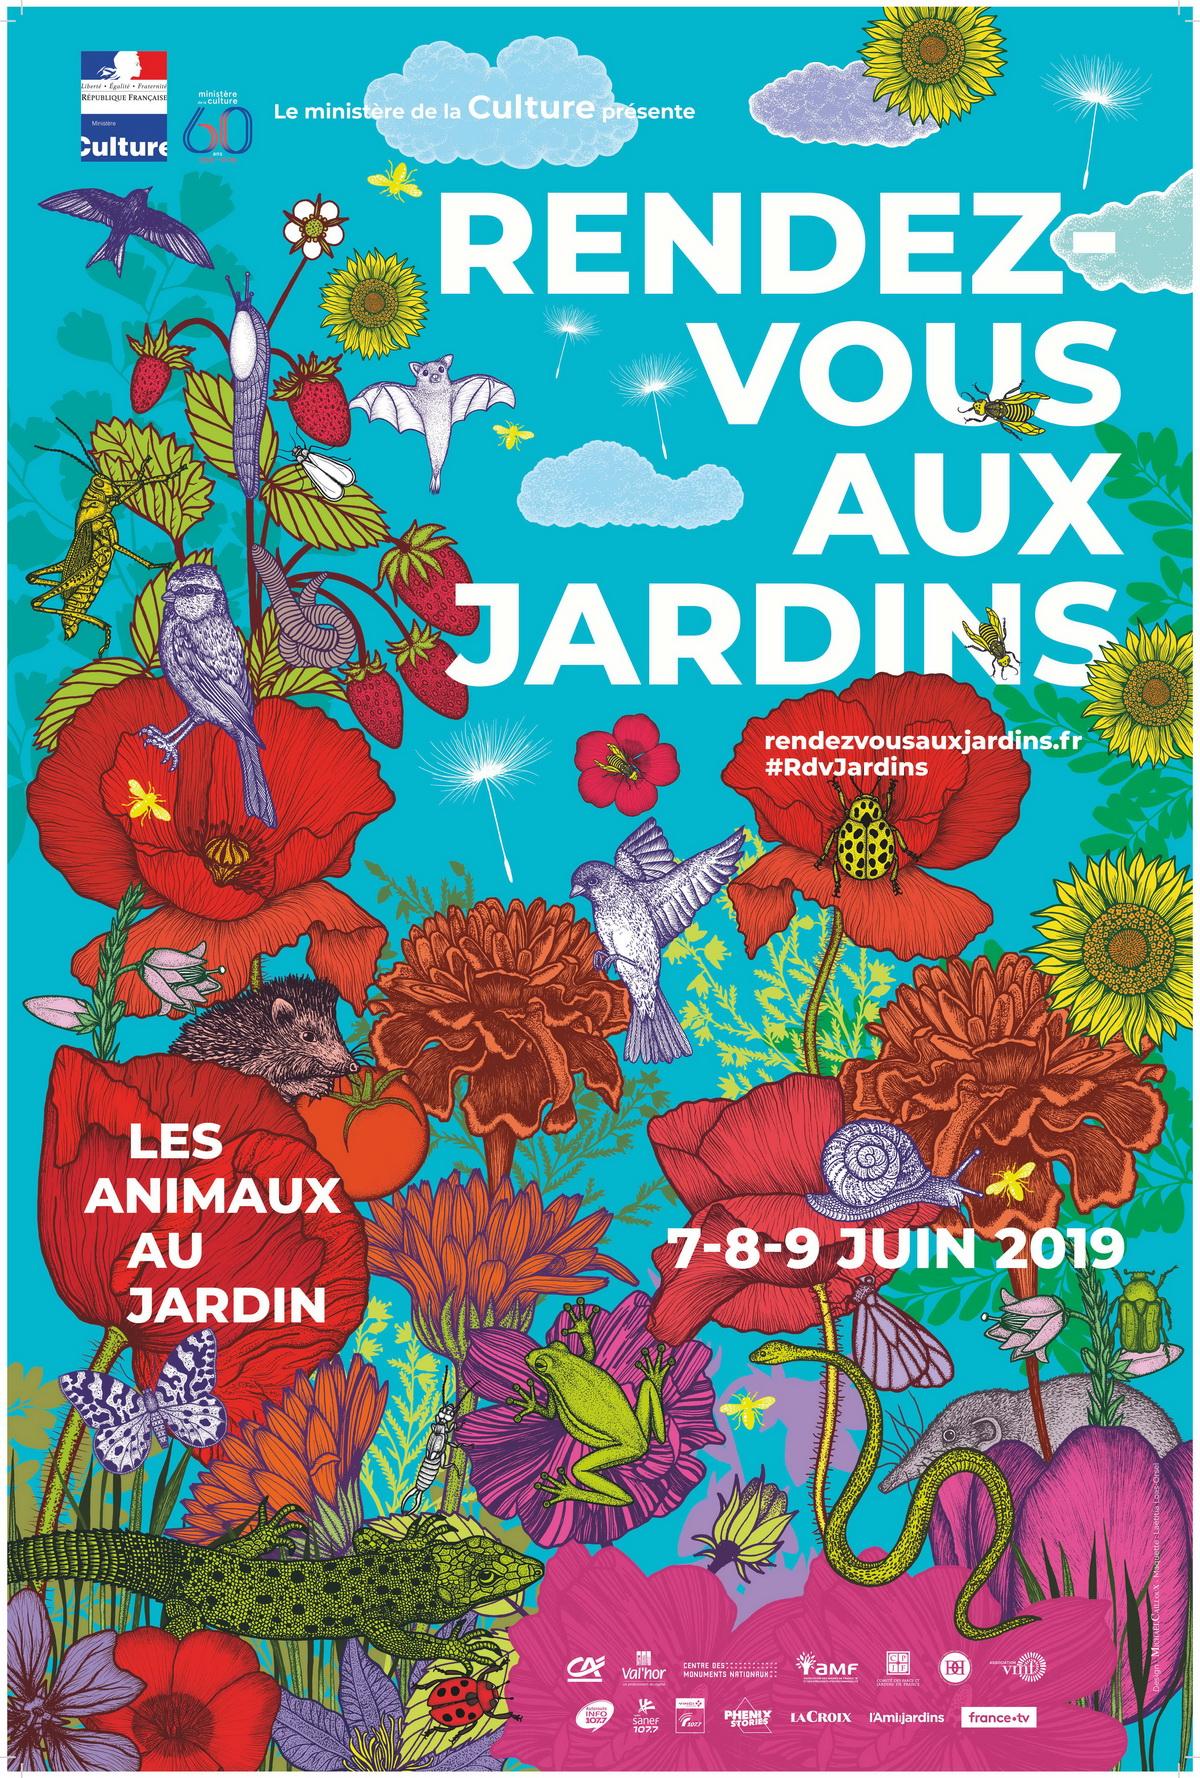 Rendez-vous aux Jardins - Du 7 au 9 juin, partout en France